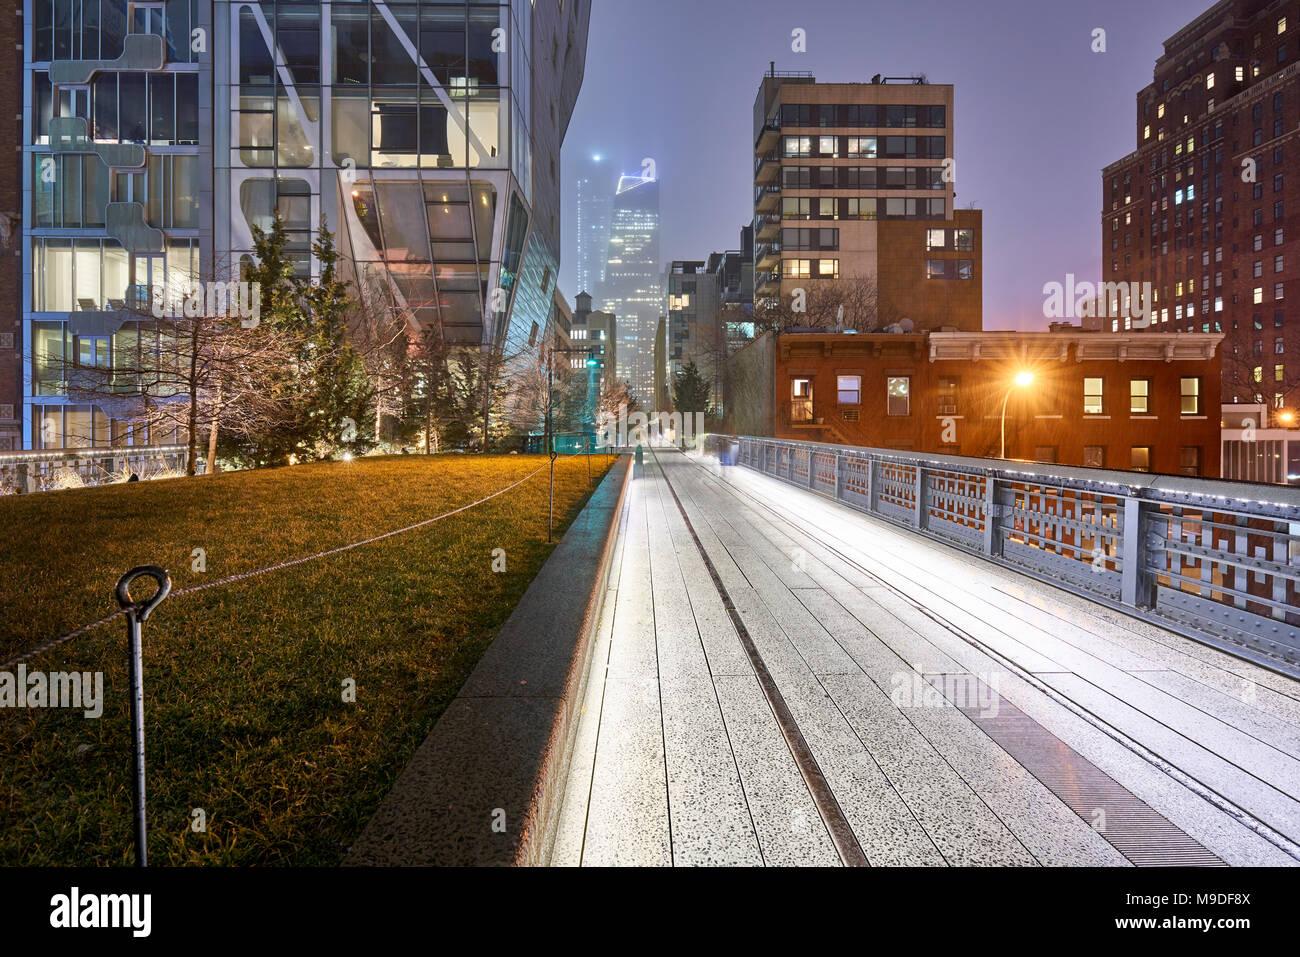 La Highline in Chelsea durante la notte in un giorno di pioggia d'inverno. Manhattan, New York City Immagini Stock